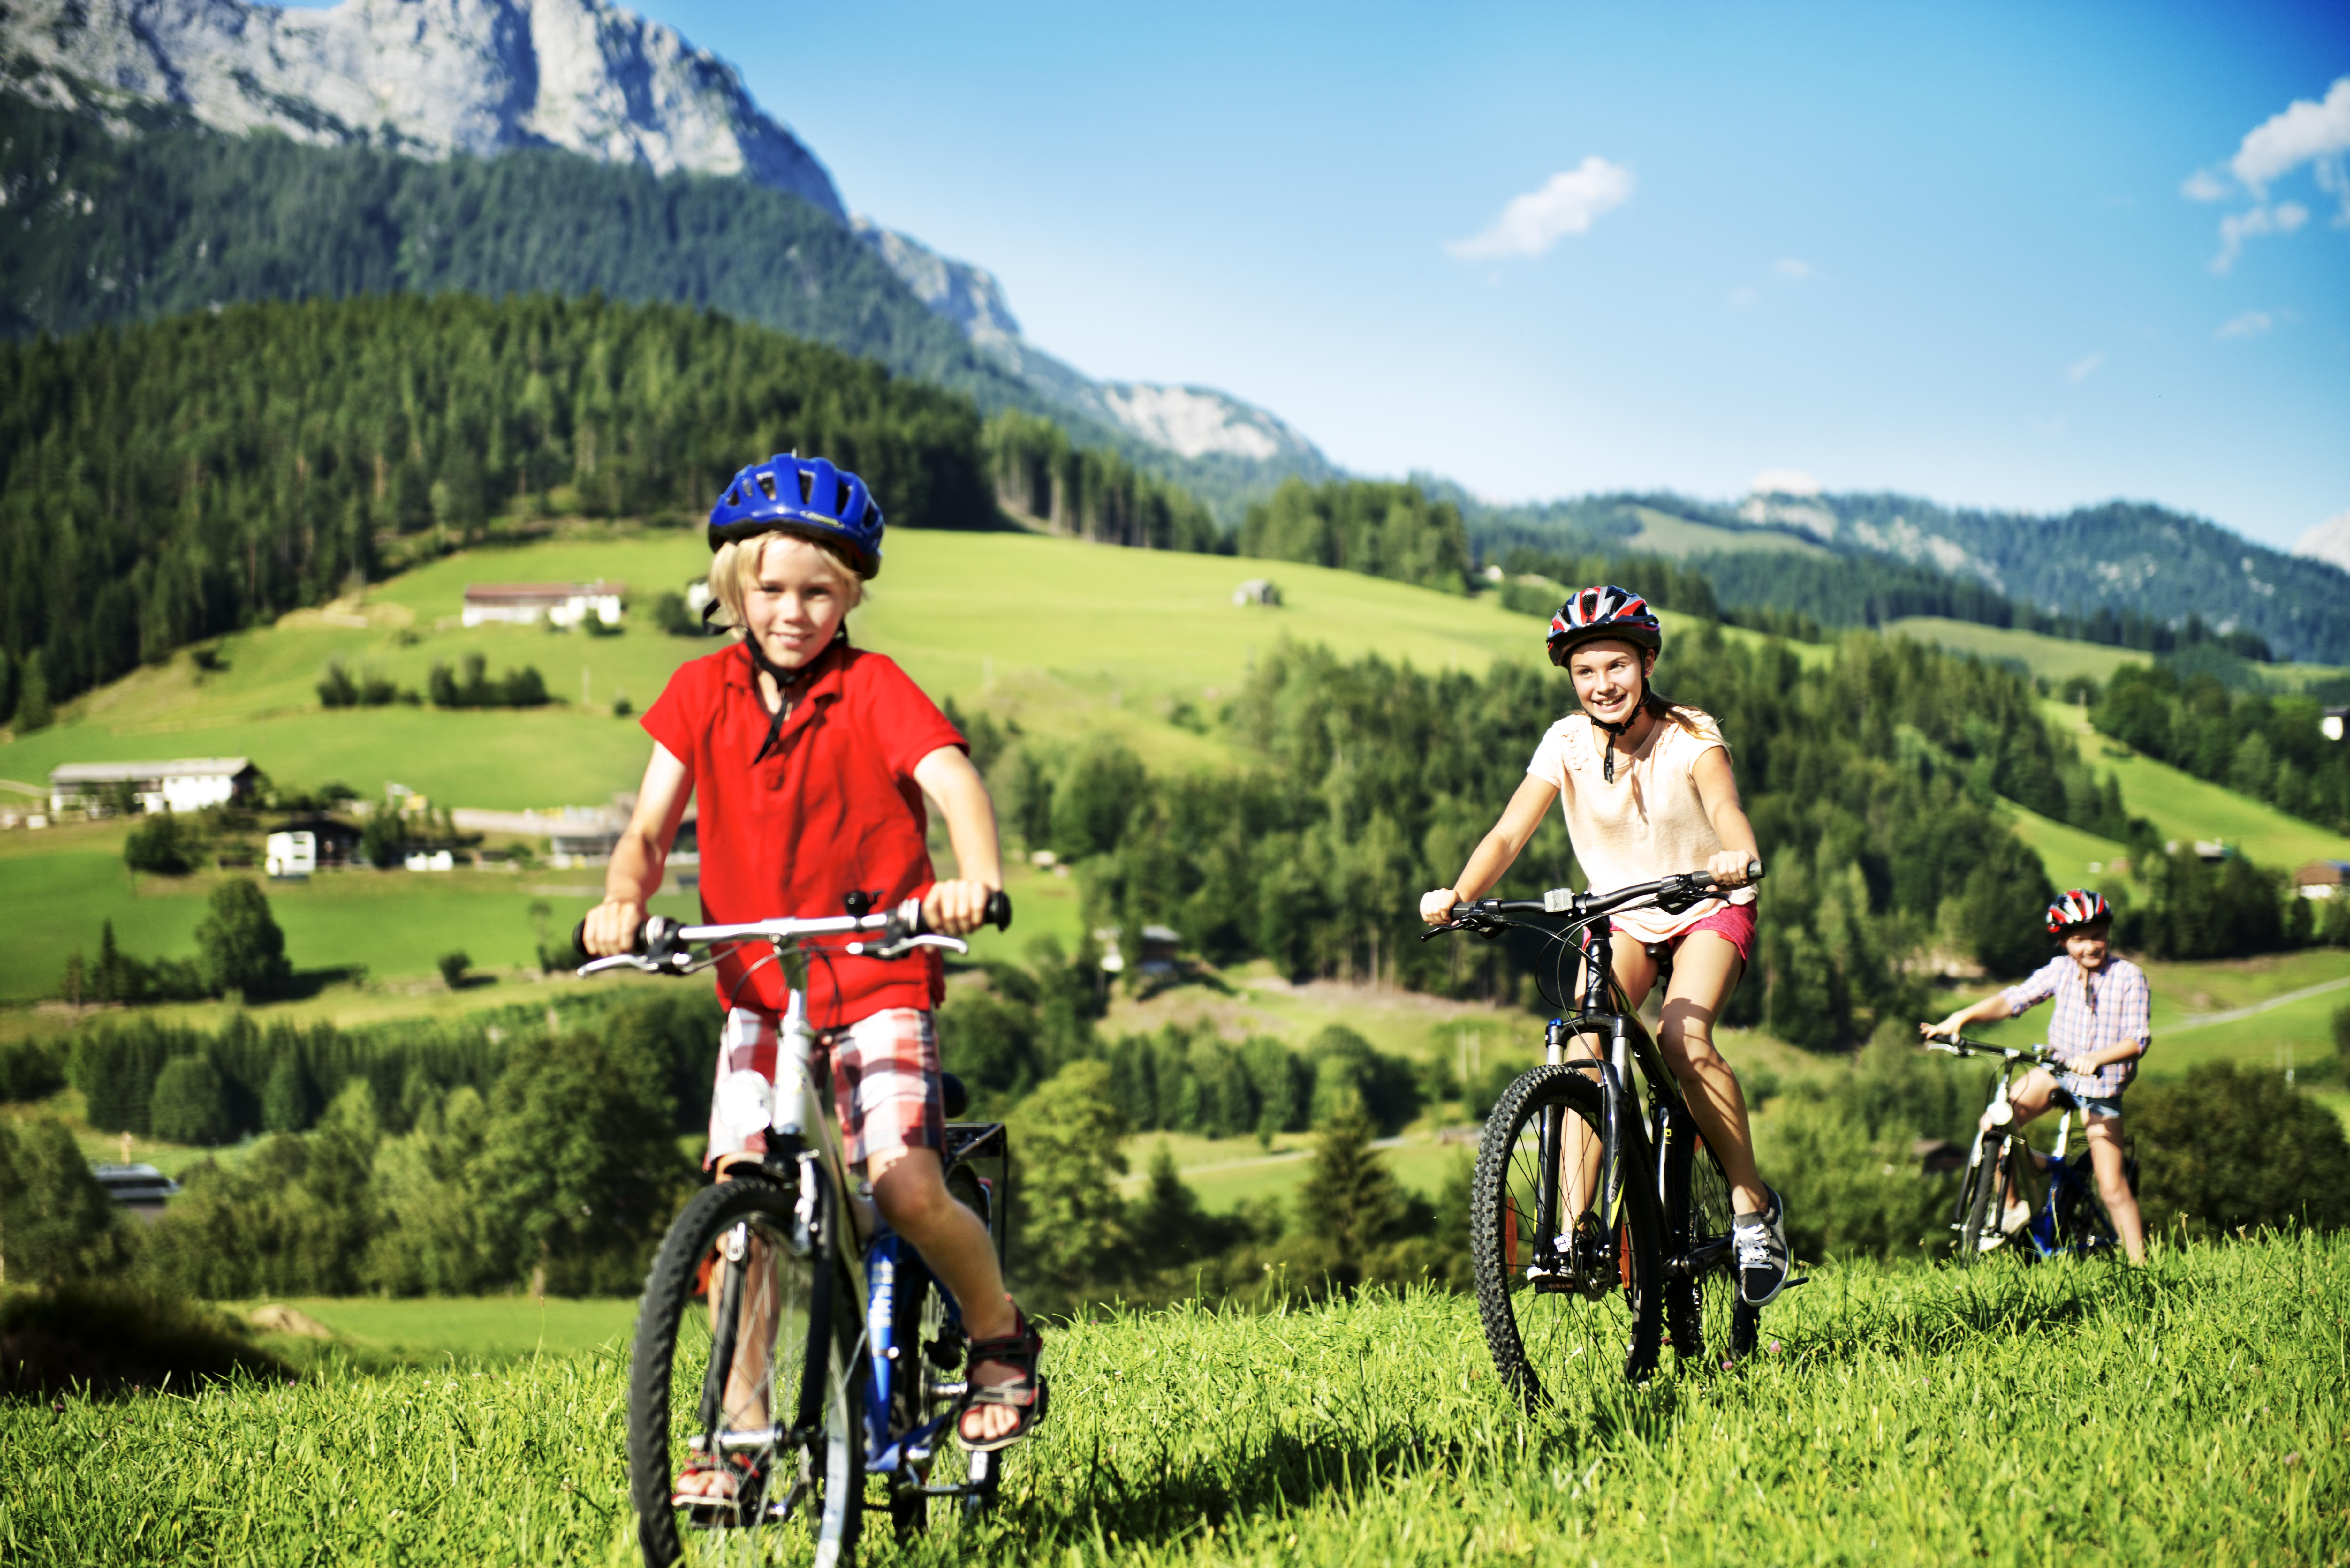 biketour_fuer_kinder_der_krallerhof